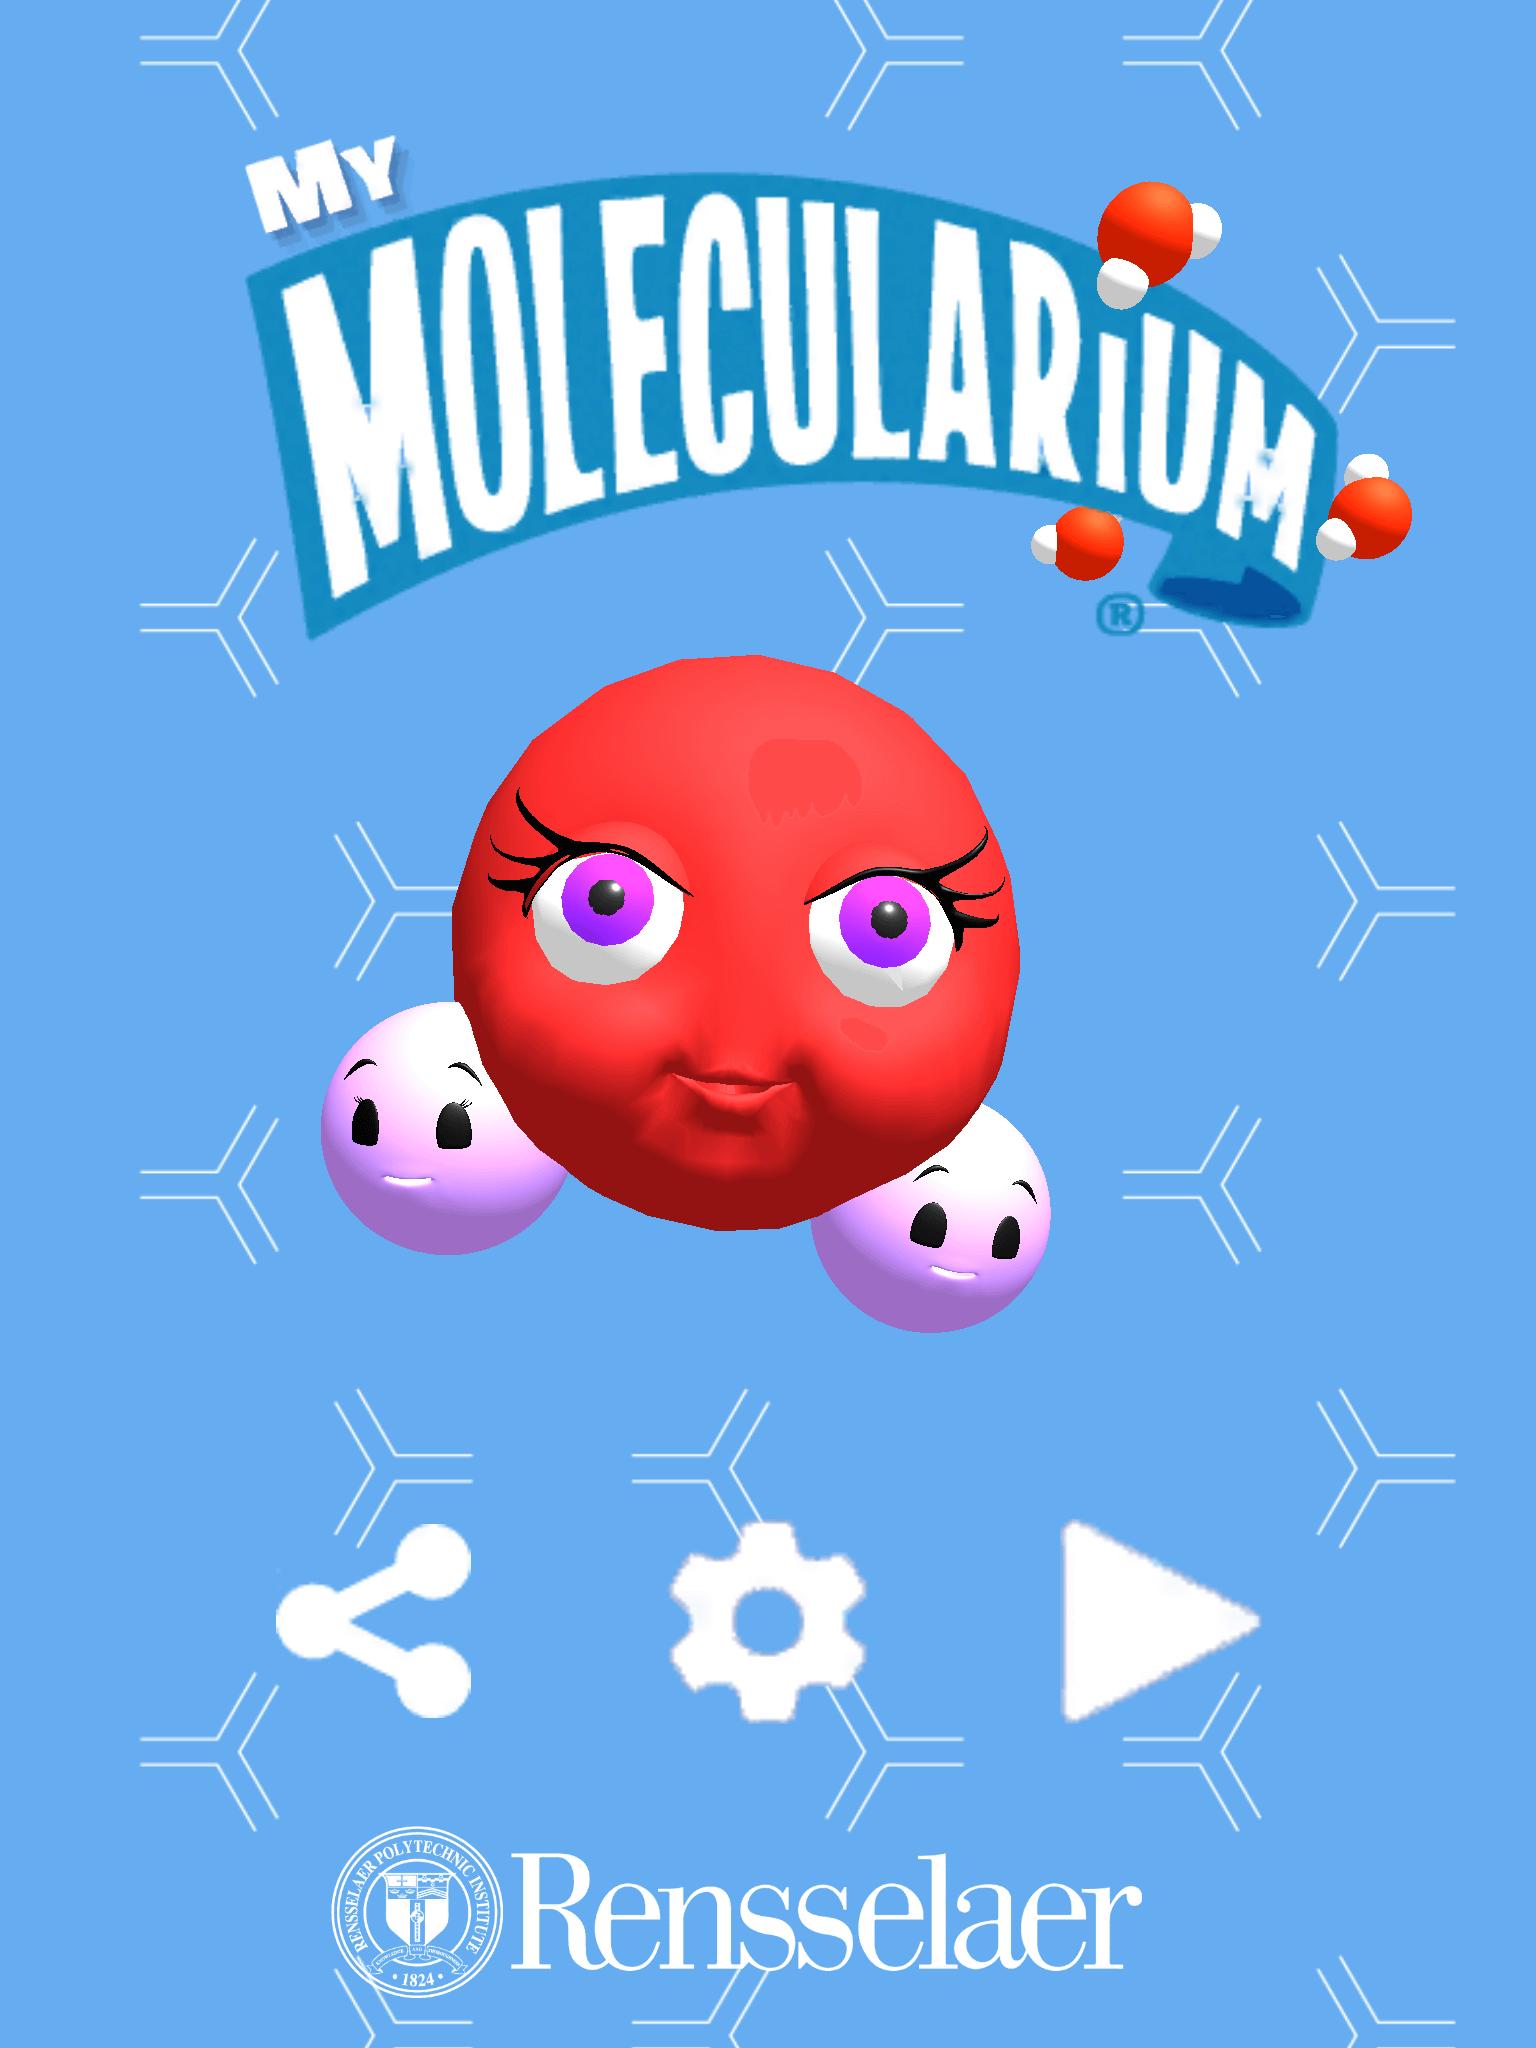 My Molecularium